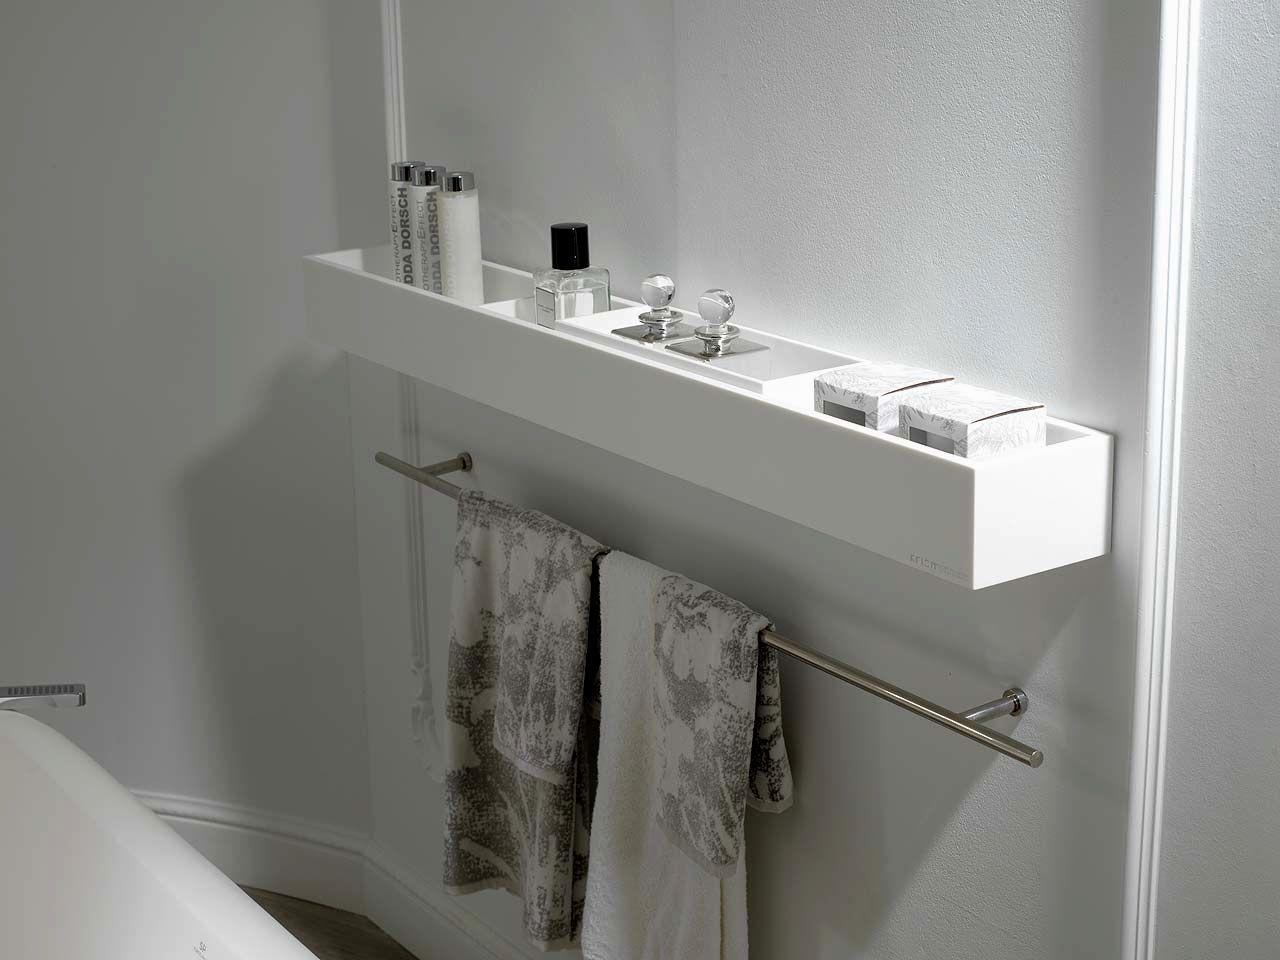 terrific bathroom towel racks inspiration-Latest Bathroom towel Racks Architecture